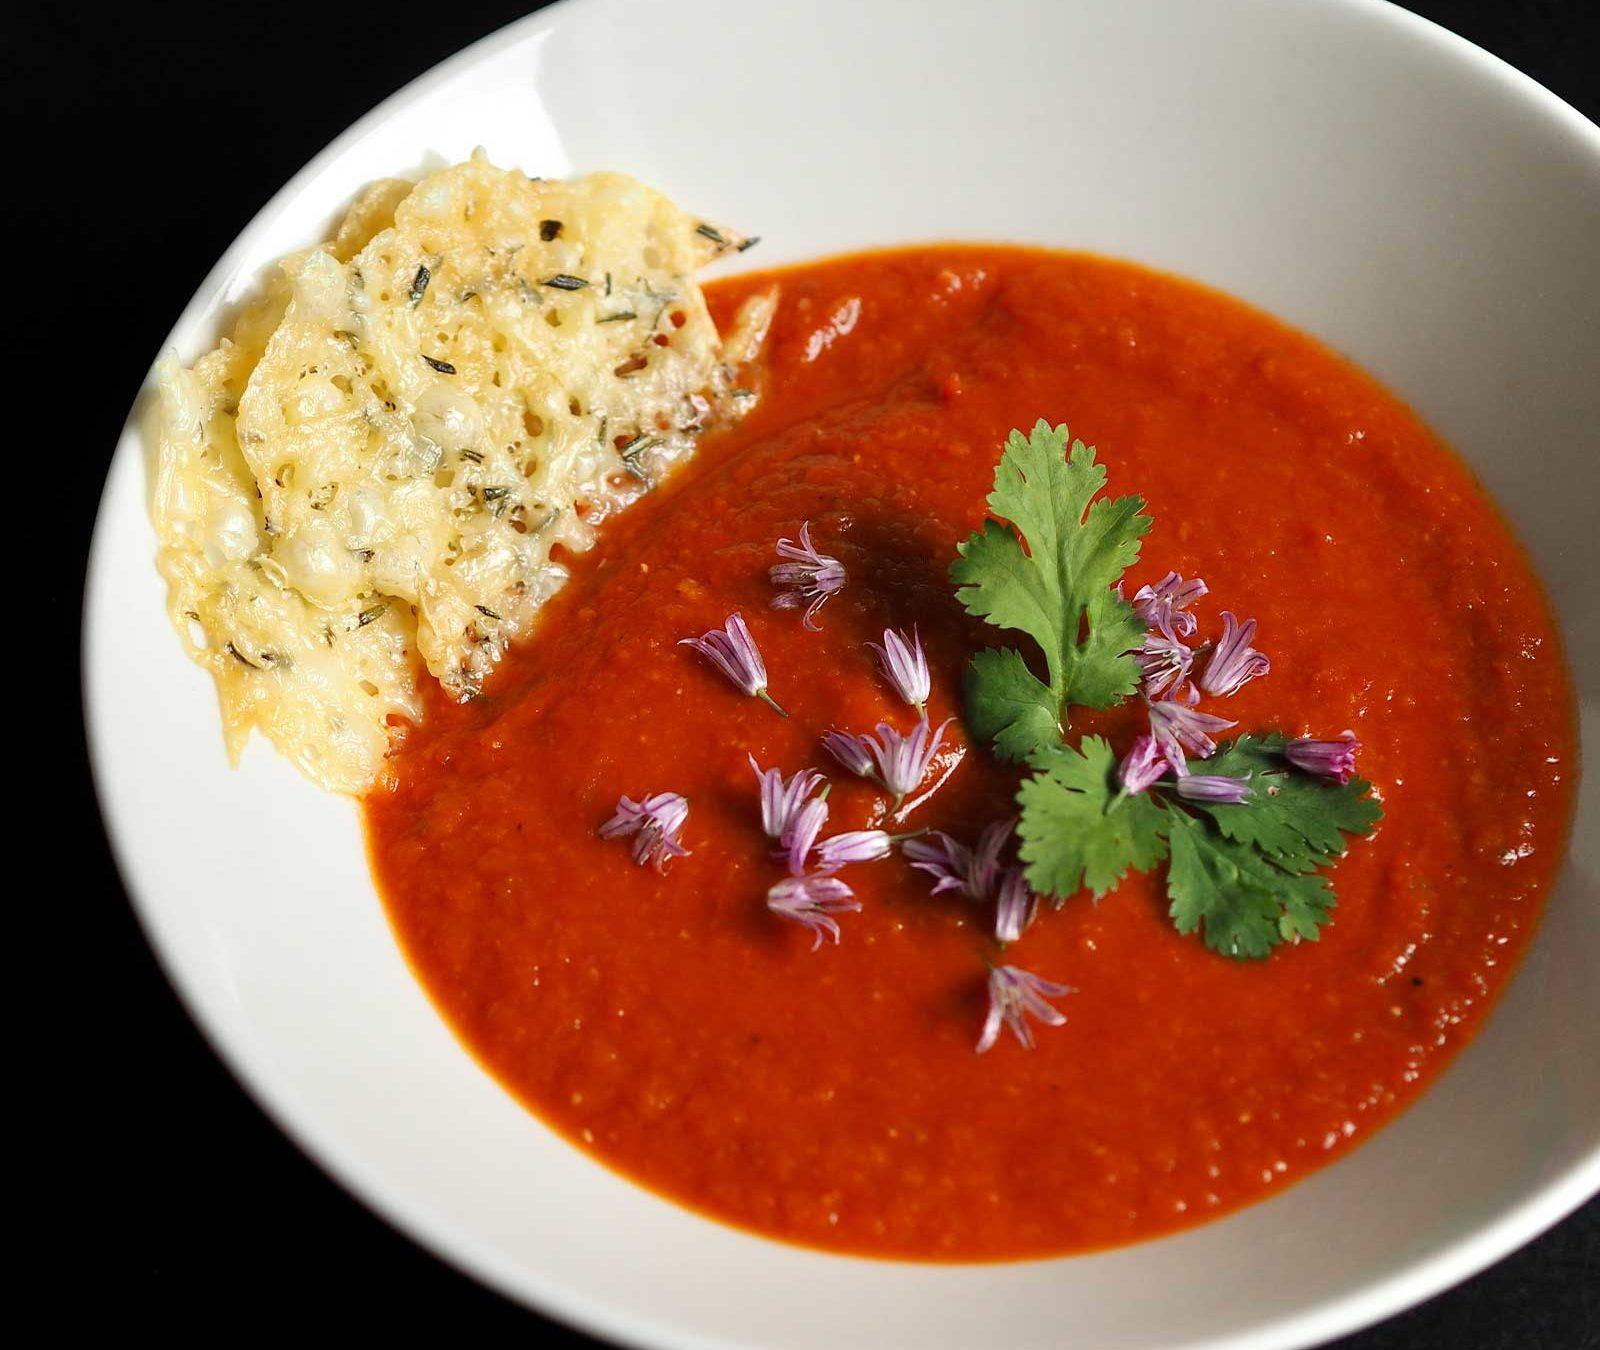 Sådan laver du en nem og hurtig tomatsuppe med ostechips. Få opskriften på perfekt tøm-køleskabet-mad, hvor du bruger dine rester og undgår madspild.